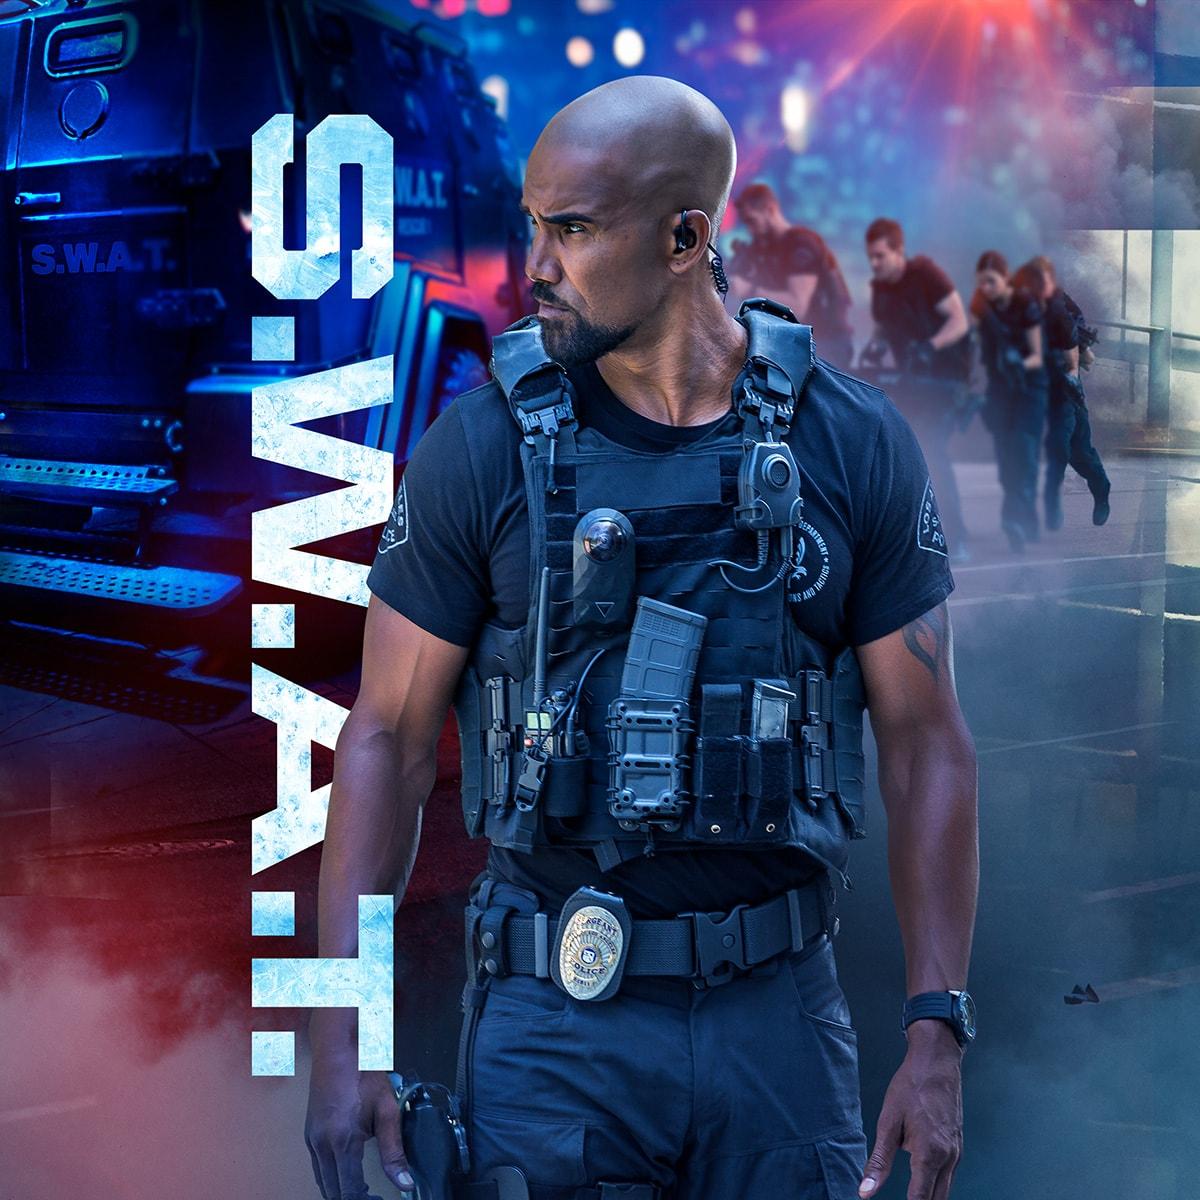 Swat Serie